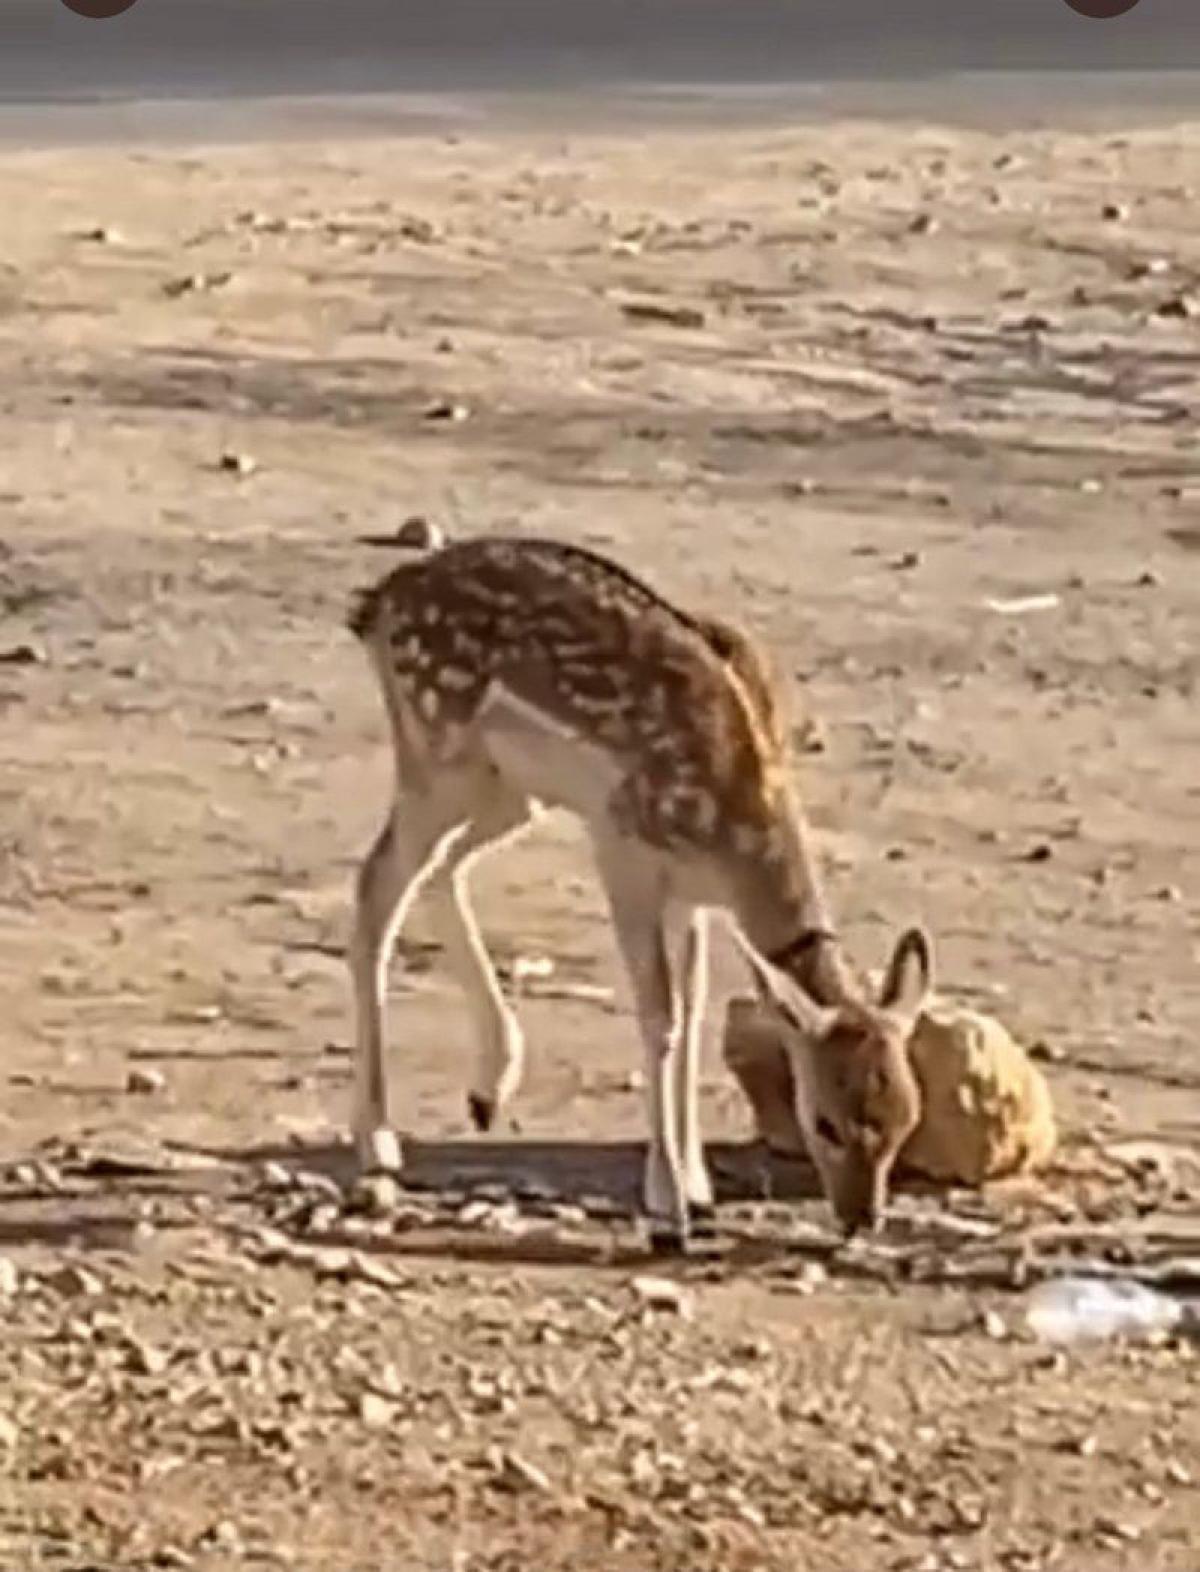 """مواطنة تنشر فيديو لغزال تائه في الرياض.. و""""الحياة الفطرية"""" تتفاعل"""